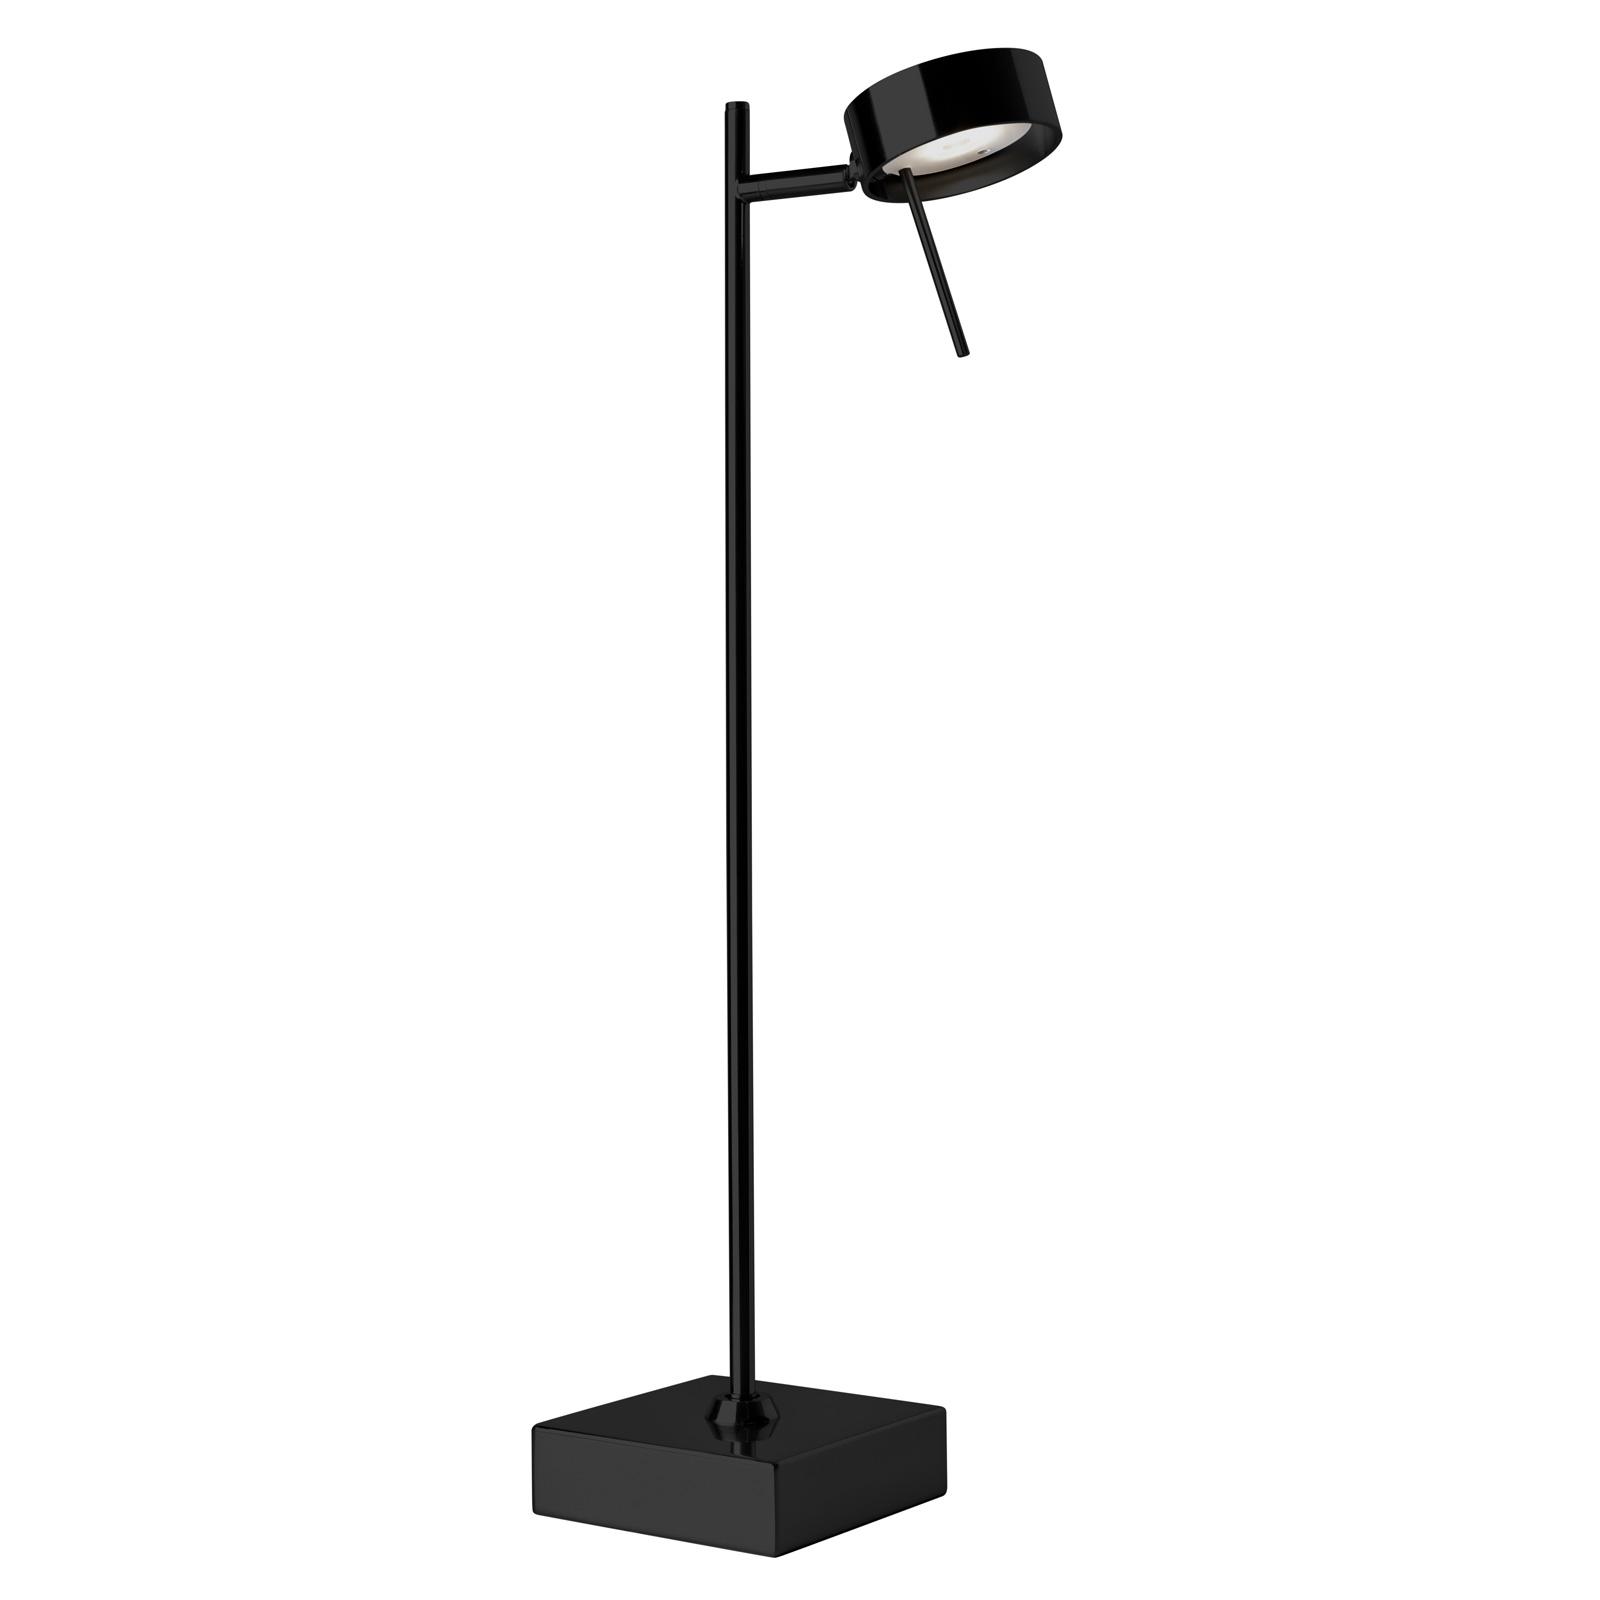 LED tafellamp Bling, dimmer, 1-lamp zwart